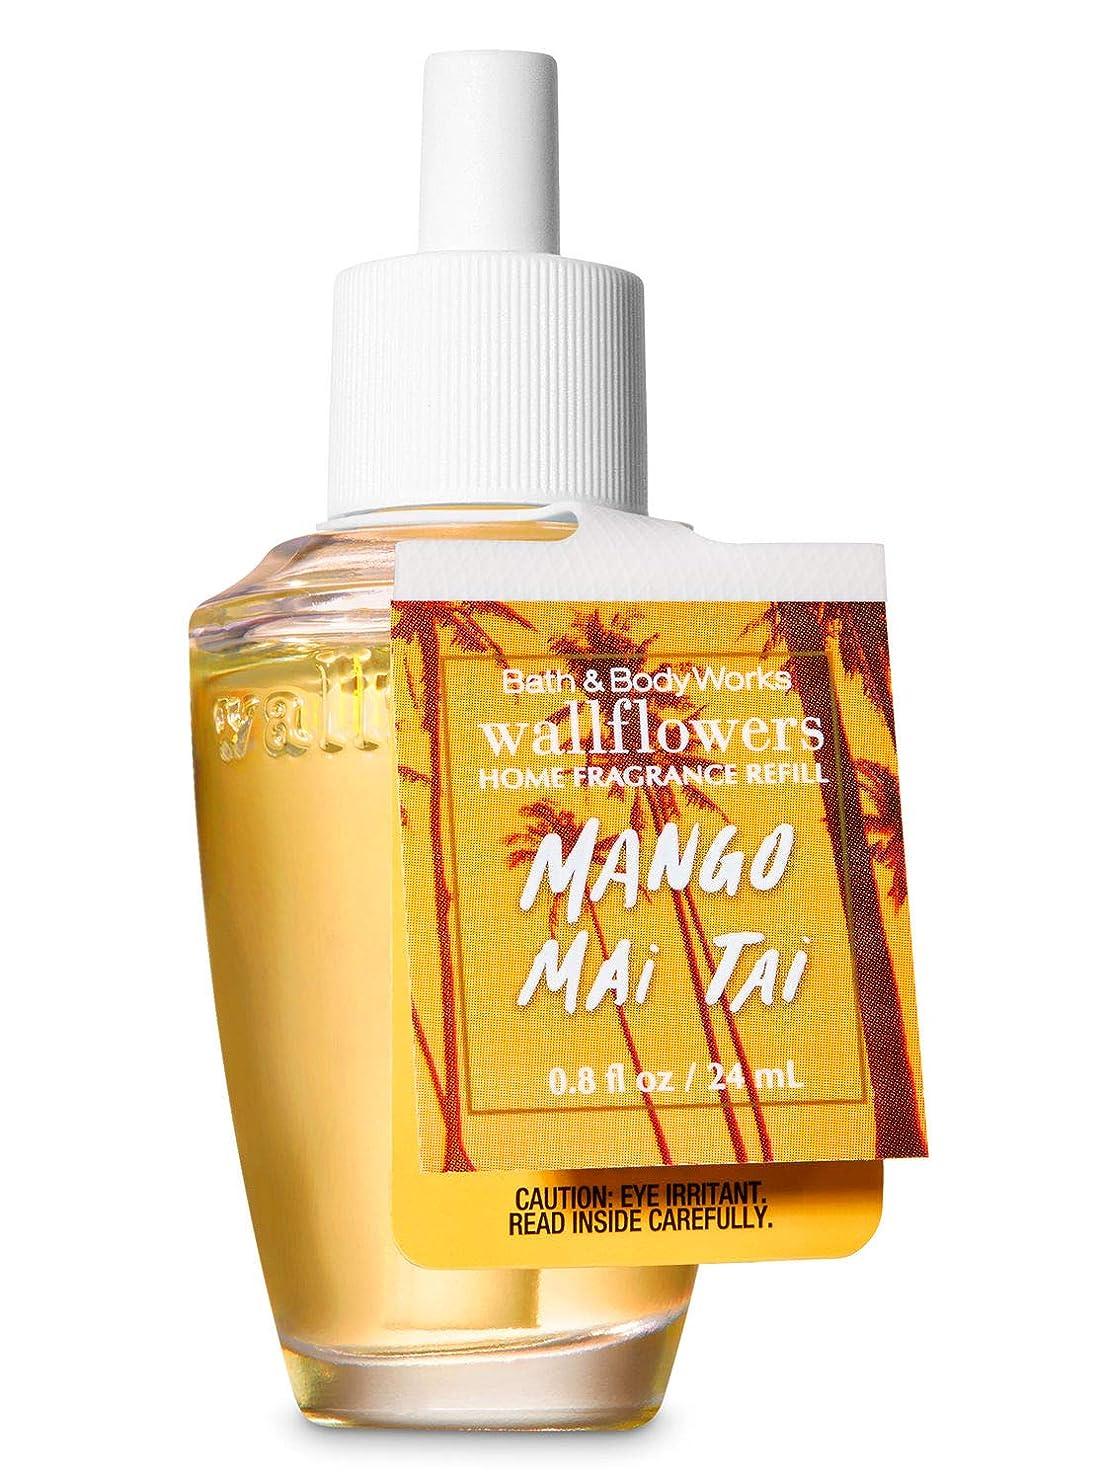 冊子オリエンテーションペナルティ【Bath&Body Works/バス&ボディワークス】 ルームフレグランス 詰替えリフィル マンゴーマイタイ Wallflowers Home Fragrance Refill Mango Mai Tai [並行輸入品]